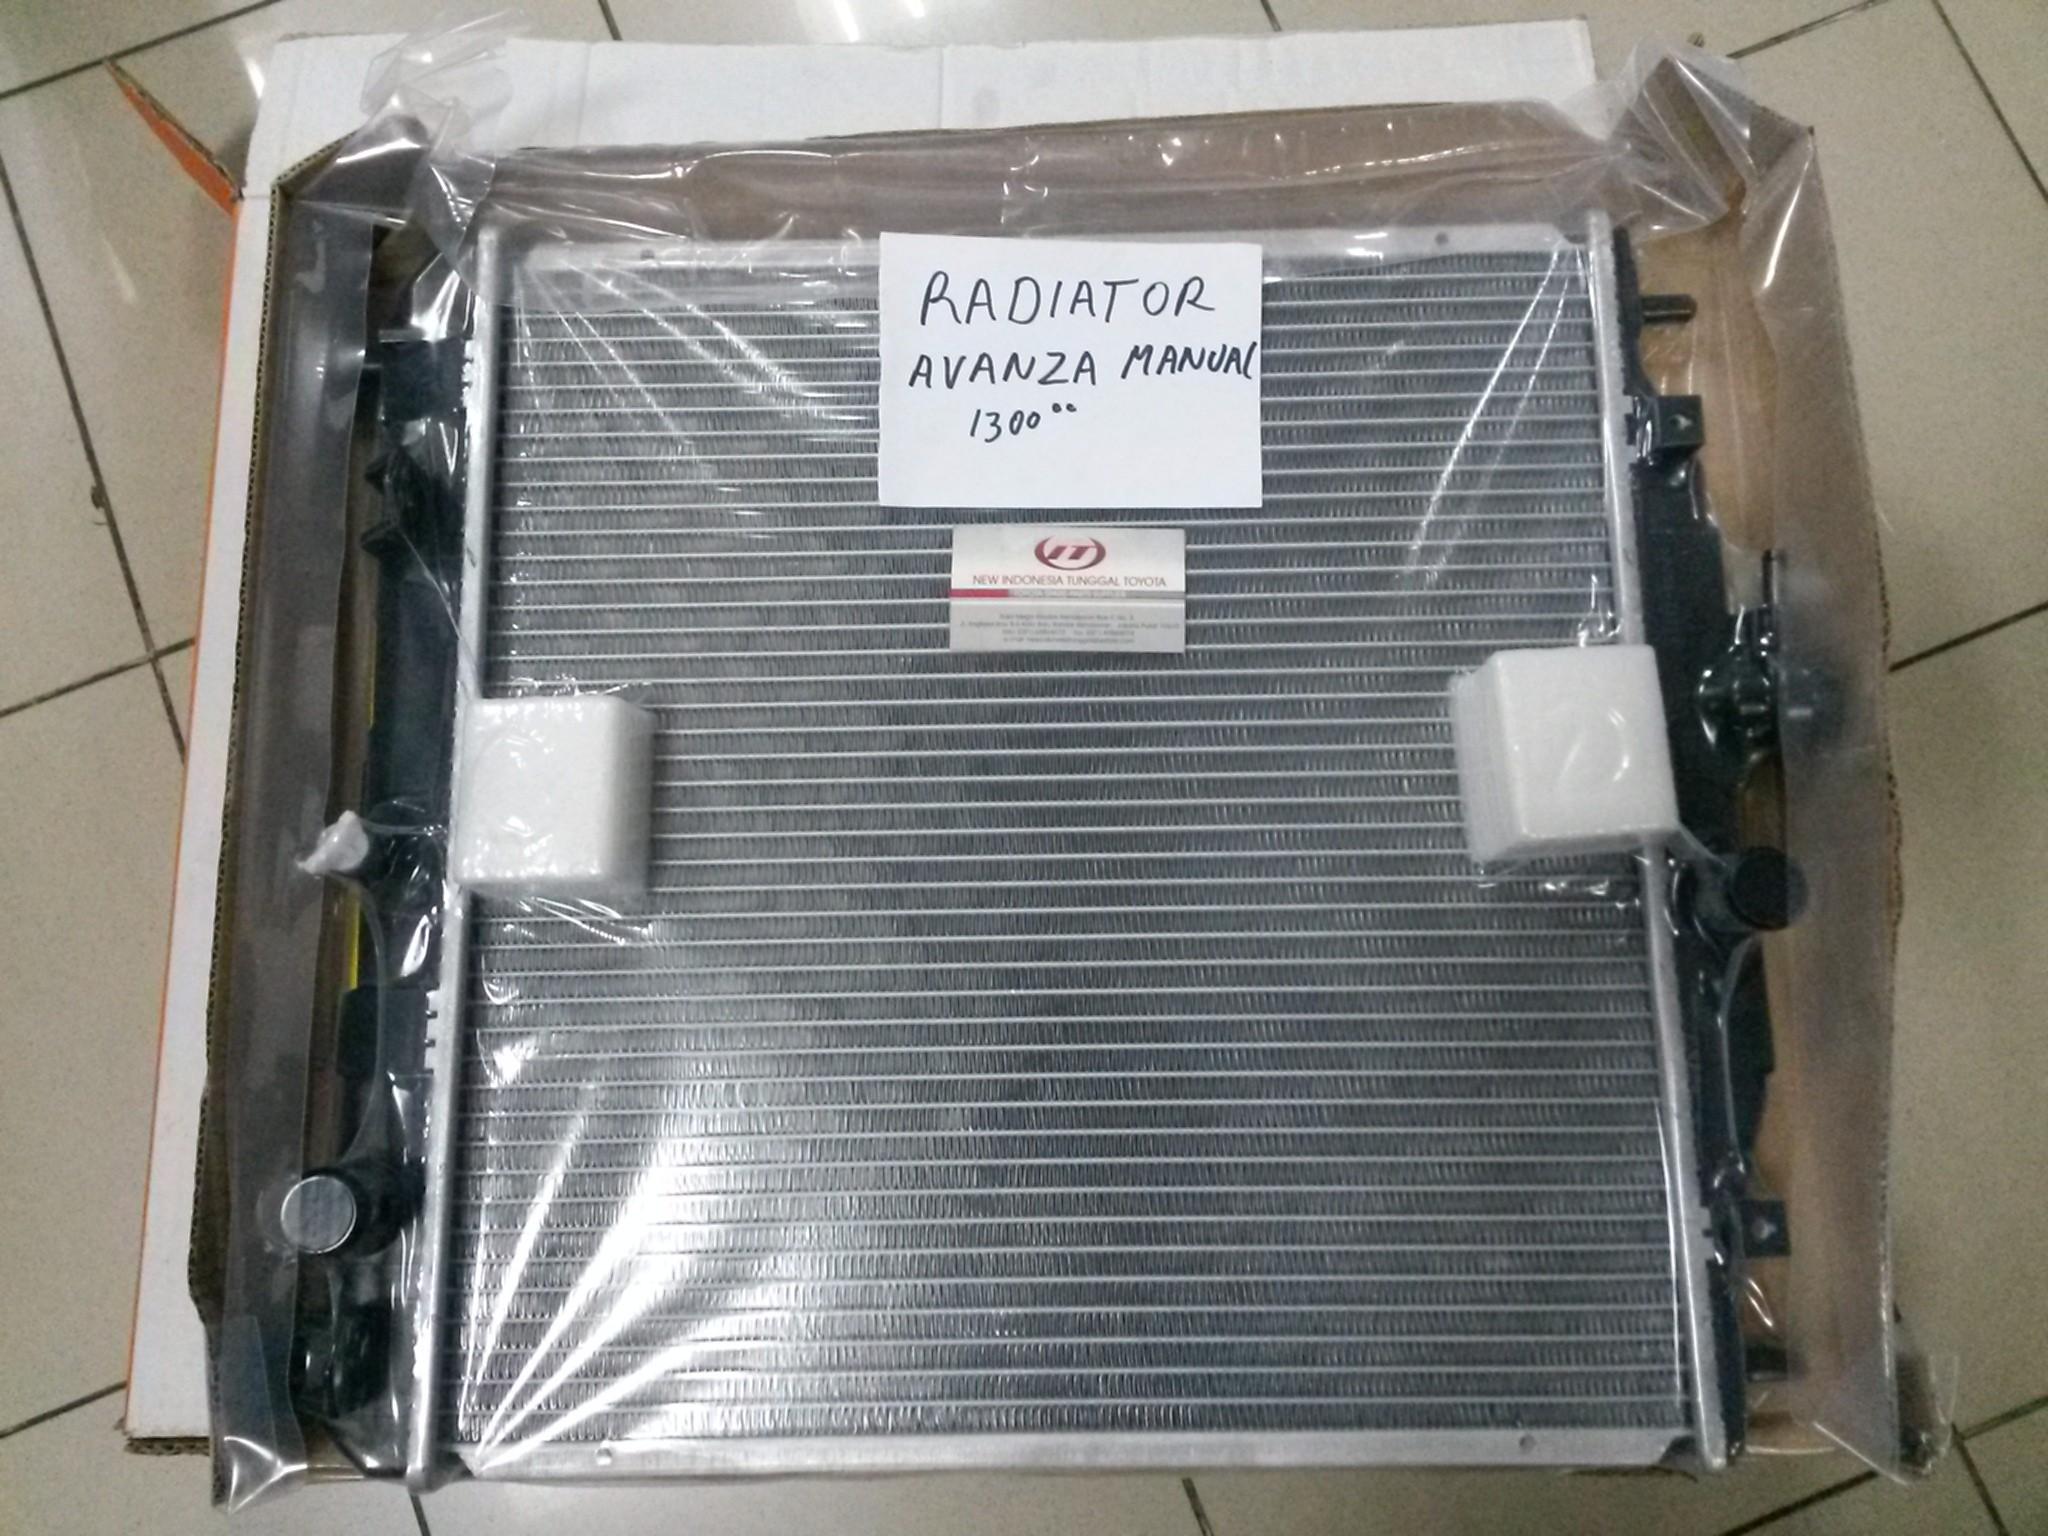 Jual Radiator Toyota Avanza 1500 Cc Radiator Avanza Veloz 10001382 Di Lapak Central Spare Parts Mobil Bukalapak